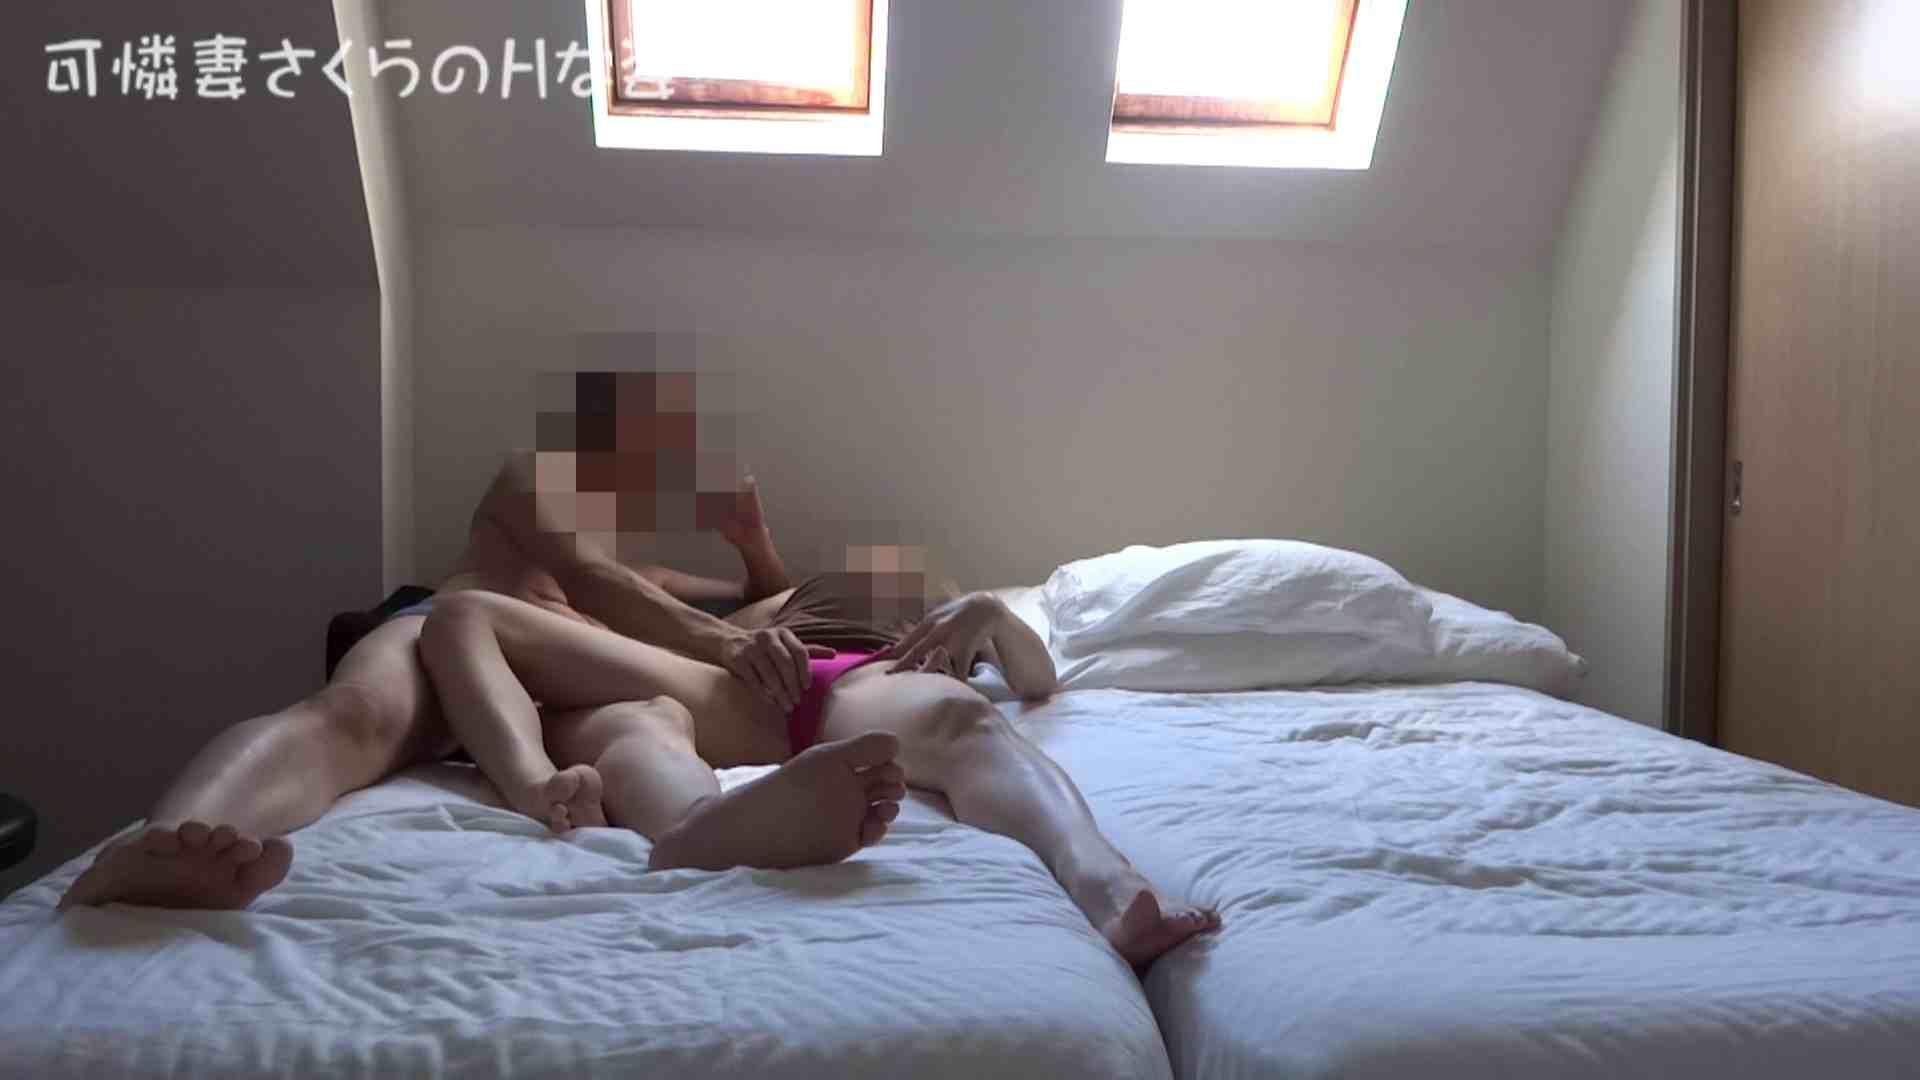 可憐妻さくらのHな姿vol.14 エッチなOL | セックス映像  88枚 16